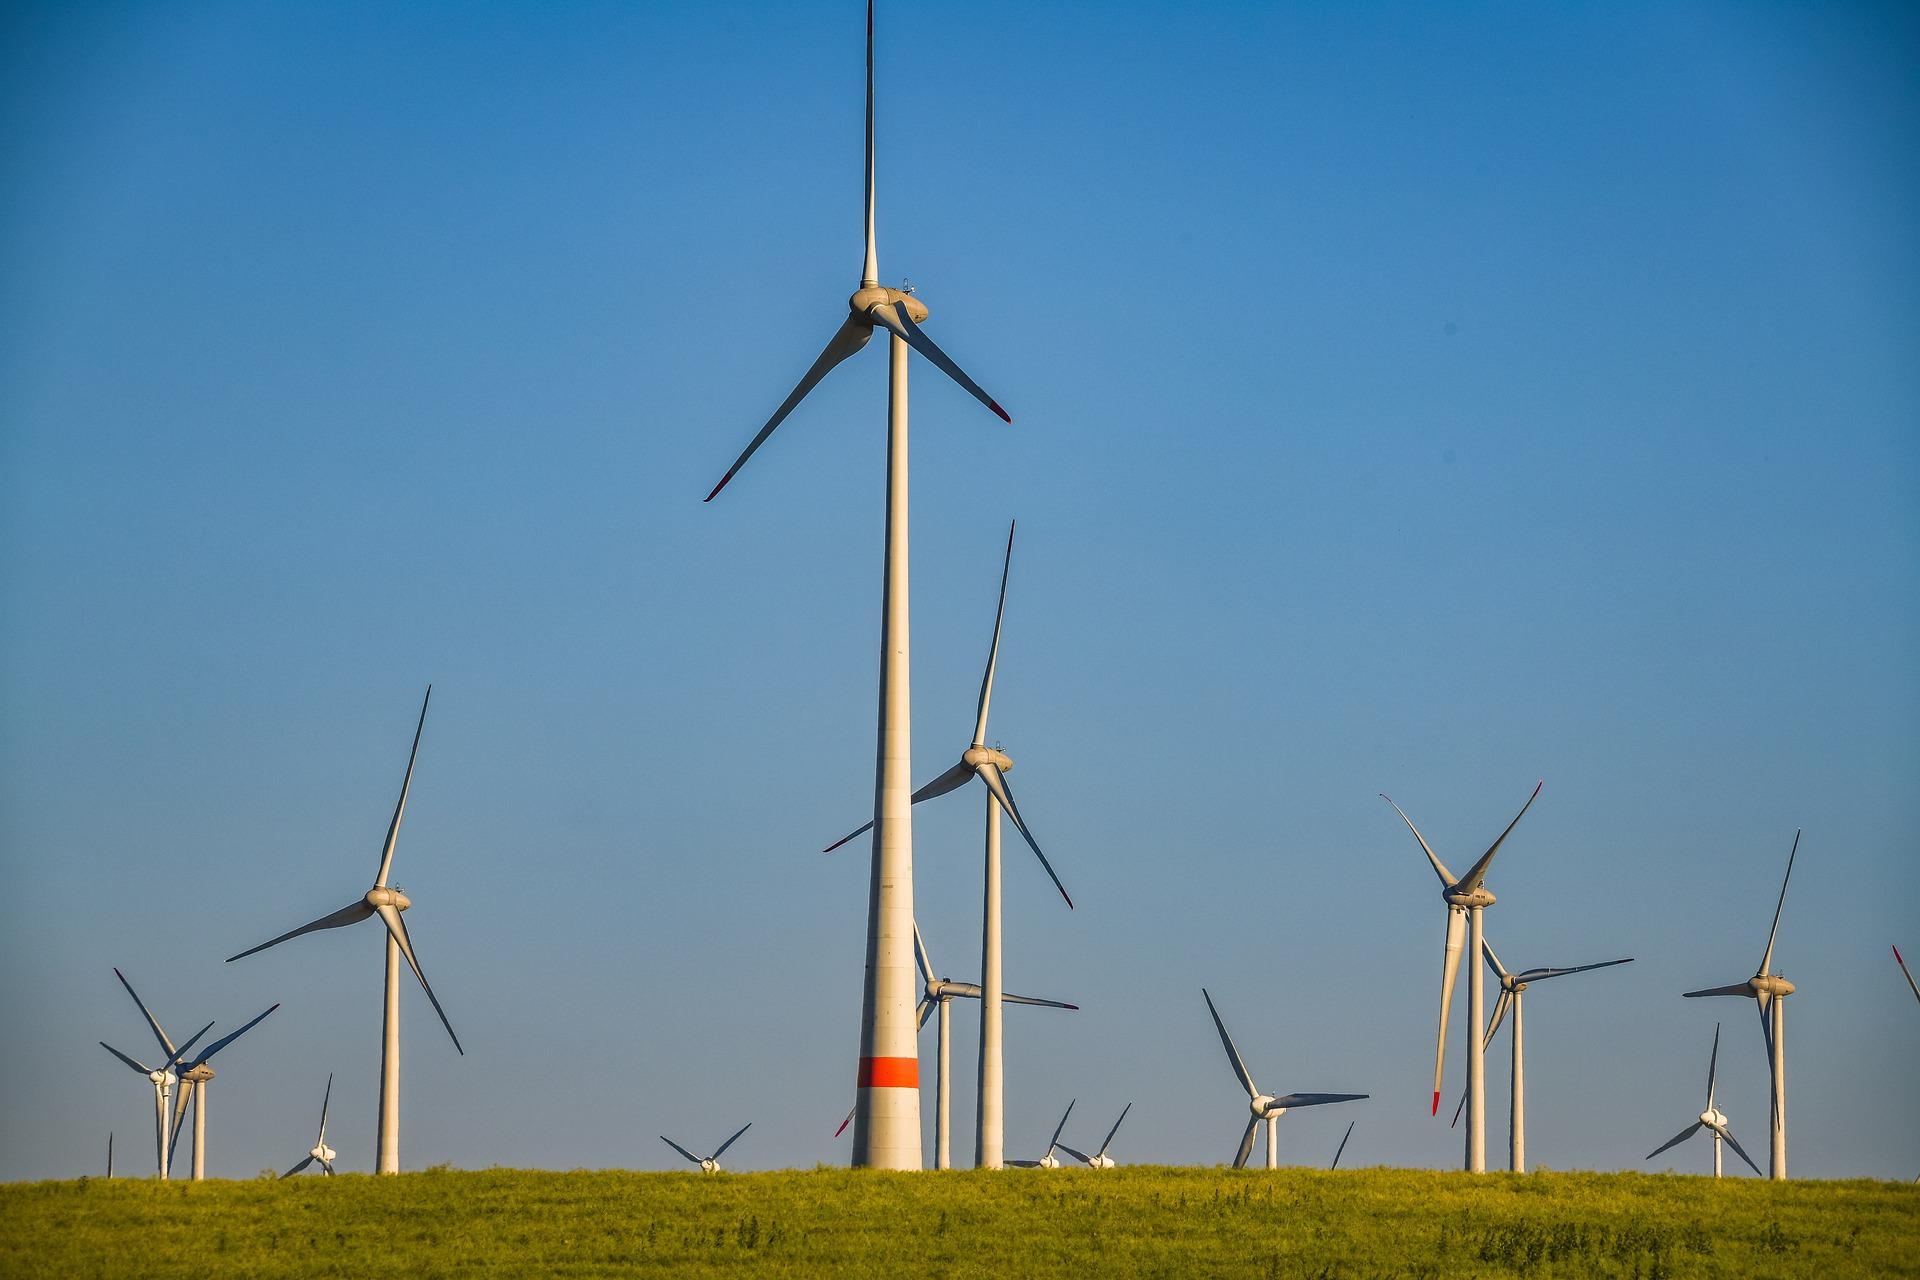 Windenergieanlagen vor blauem Himmel